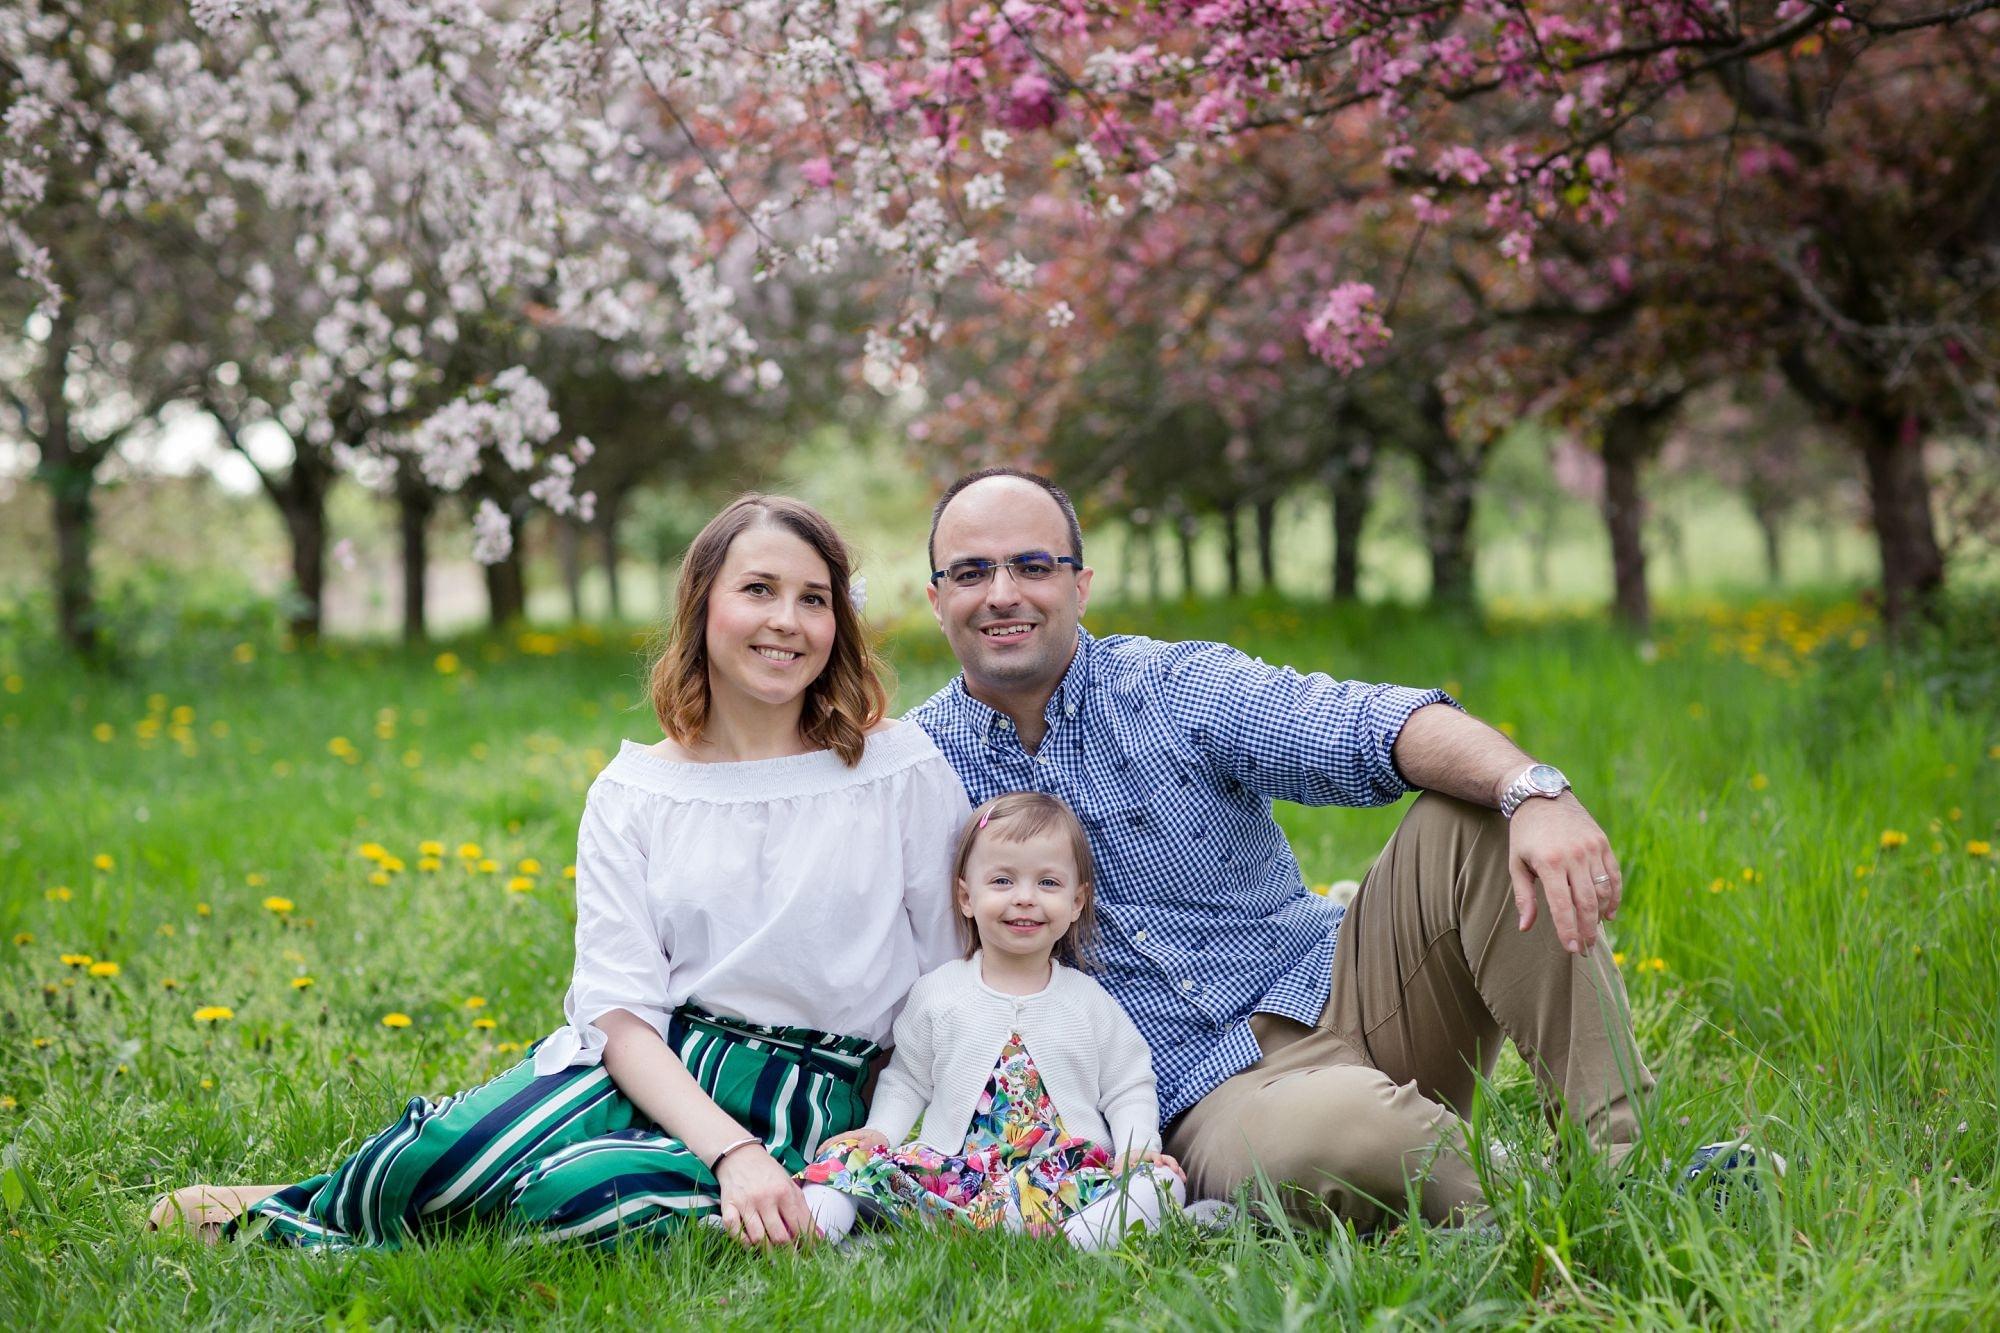 Rodinne foceni v Dendrologicke zahrade mezi rozkvetlymi stromy